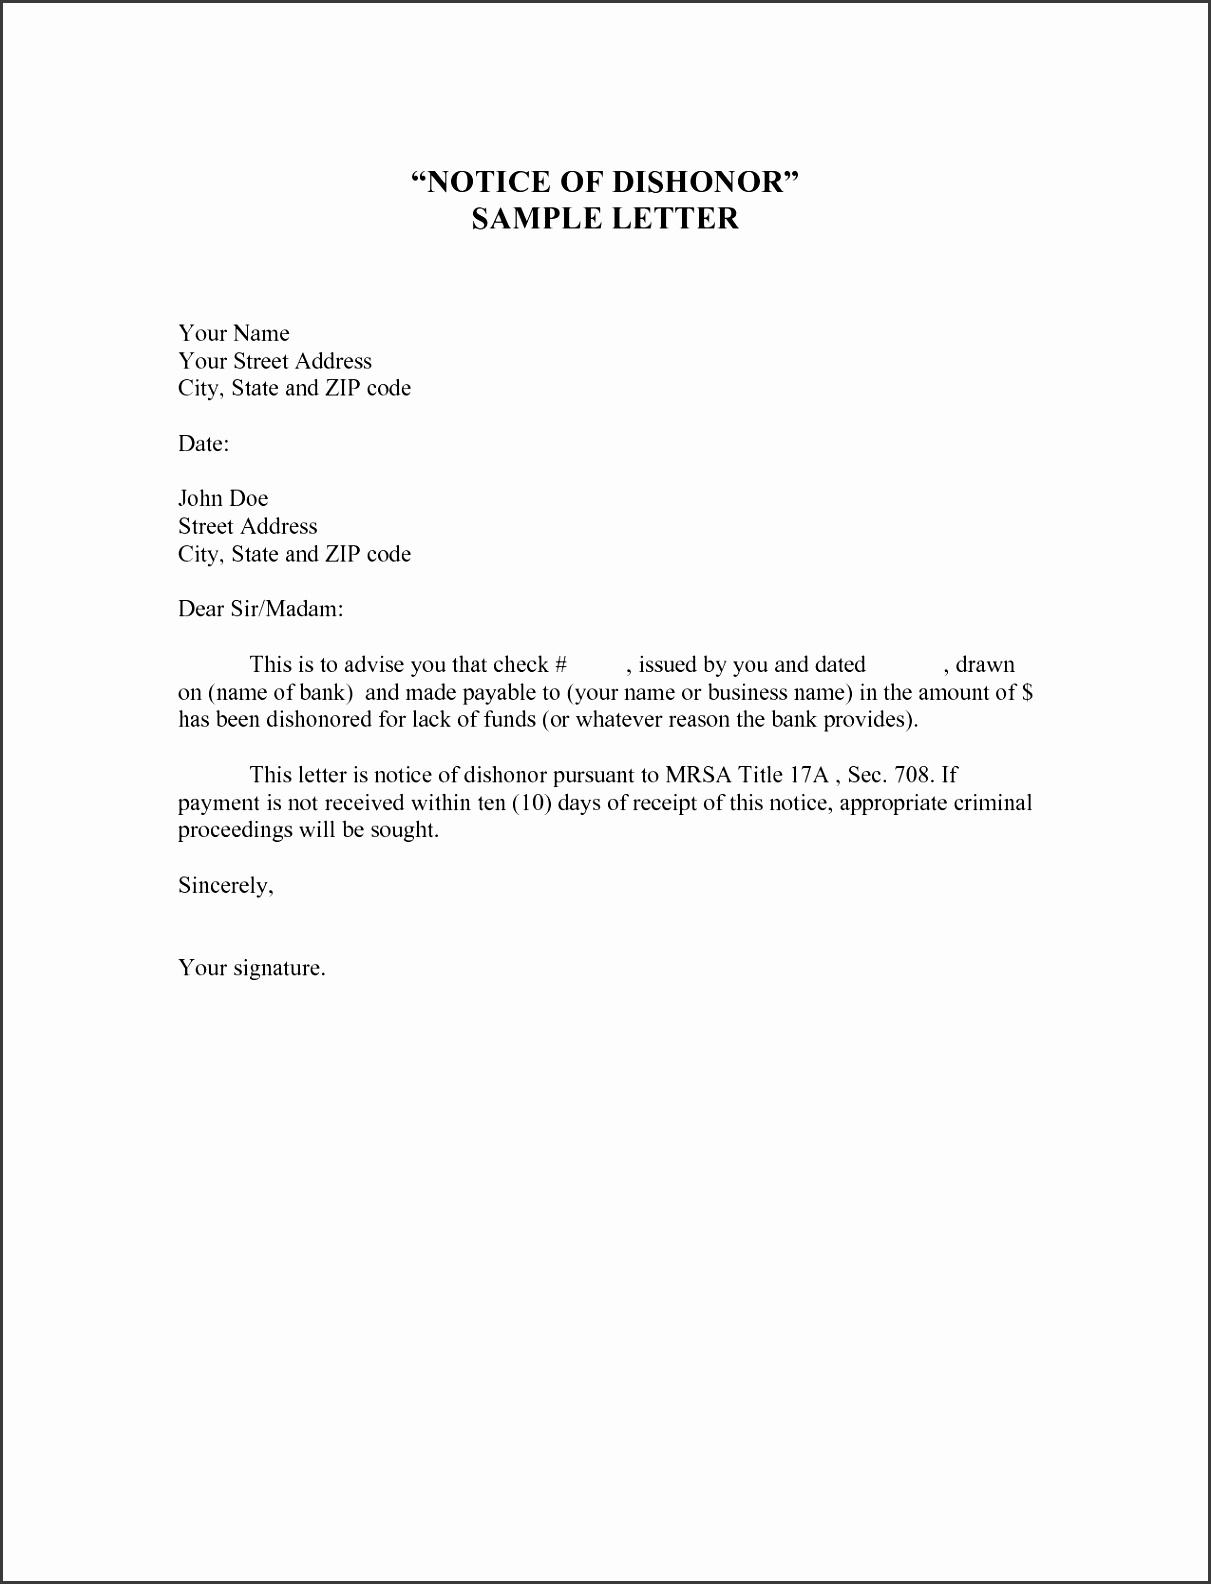 Notice of Demotion Letter Sample